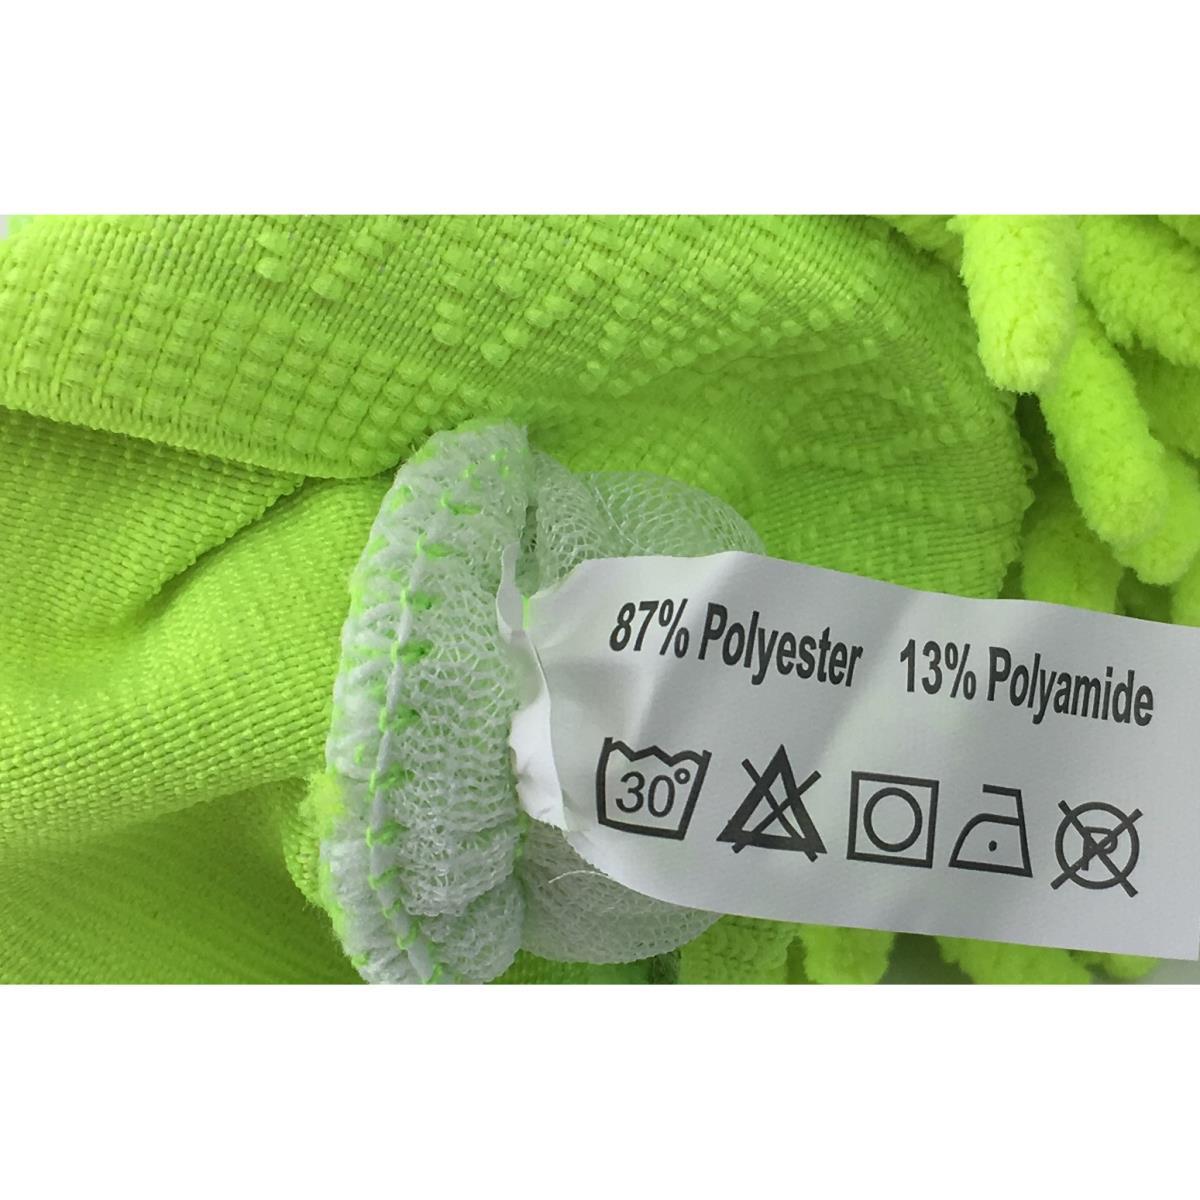 2 x Microfaser Autowaschhandschuhe Reinigungshandschuh Autopflegehandschuh ,Haushalt,000051119908, 0676424769979